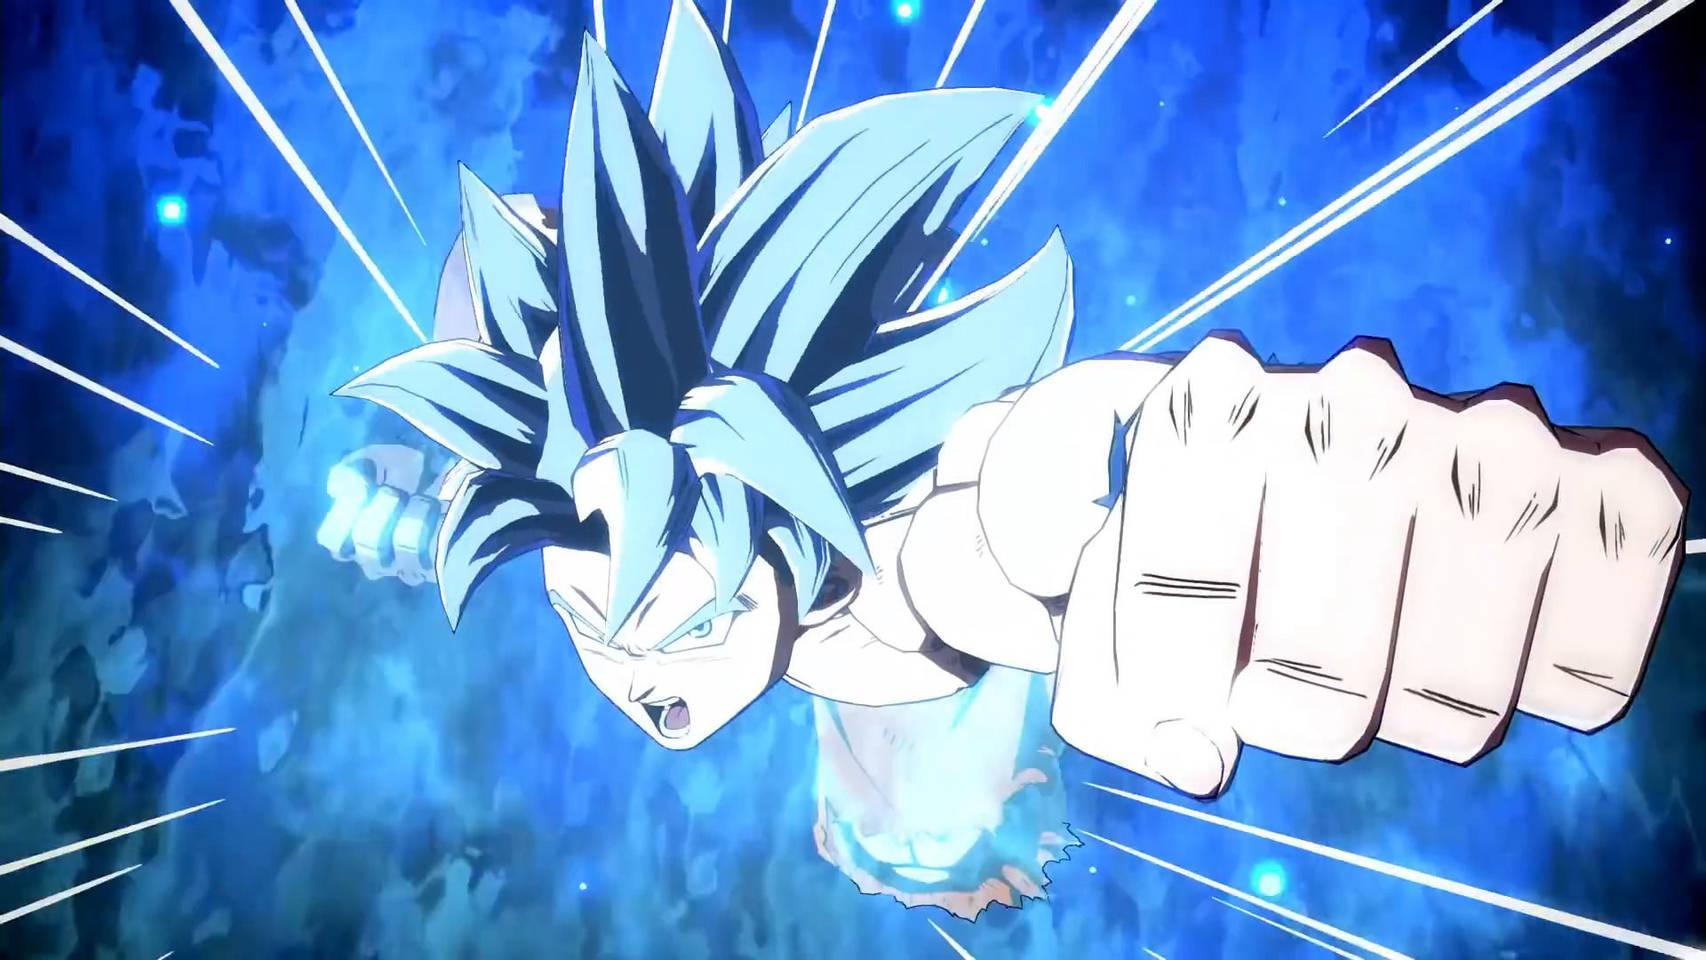 Dragon Ball FighterZ publicó un tráiler en donde se observa a Goku Ultra Instinto en plena acción